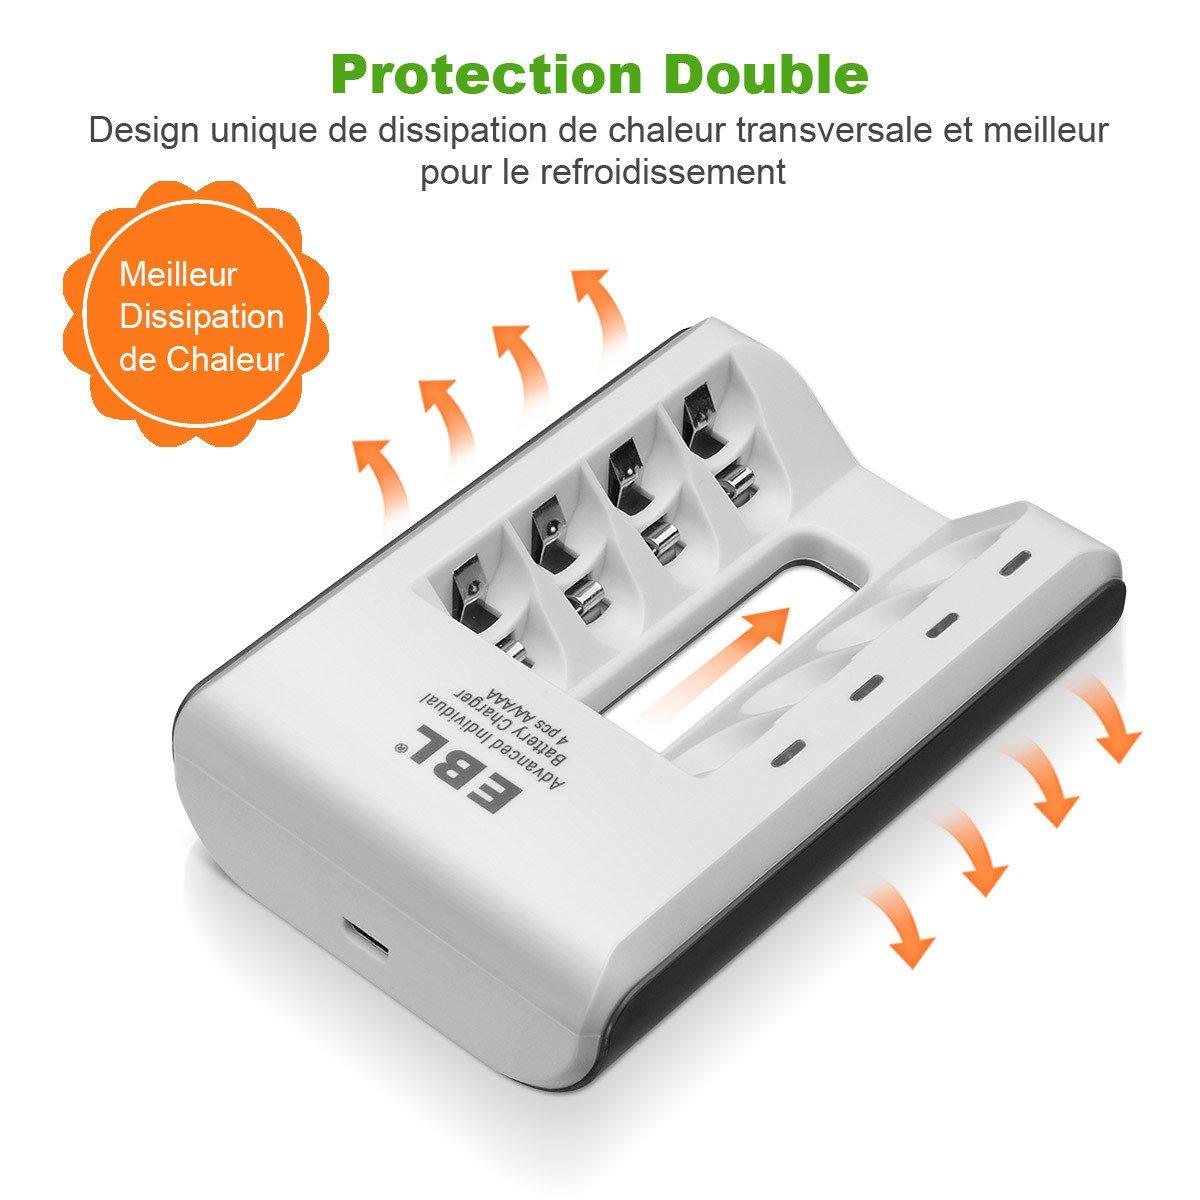 EBL Chargeur de Piles Ultra Rapide avec 4 Slots pour Piles AA AAA Rechargeables NiMh Batterie